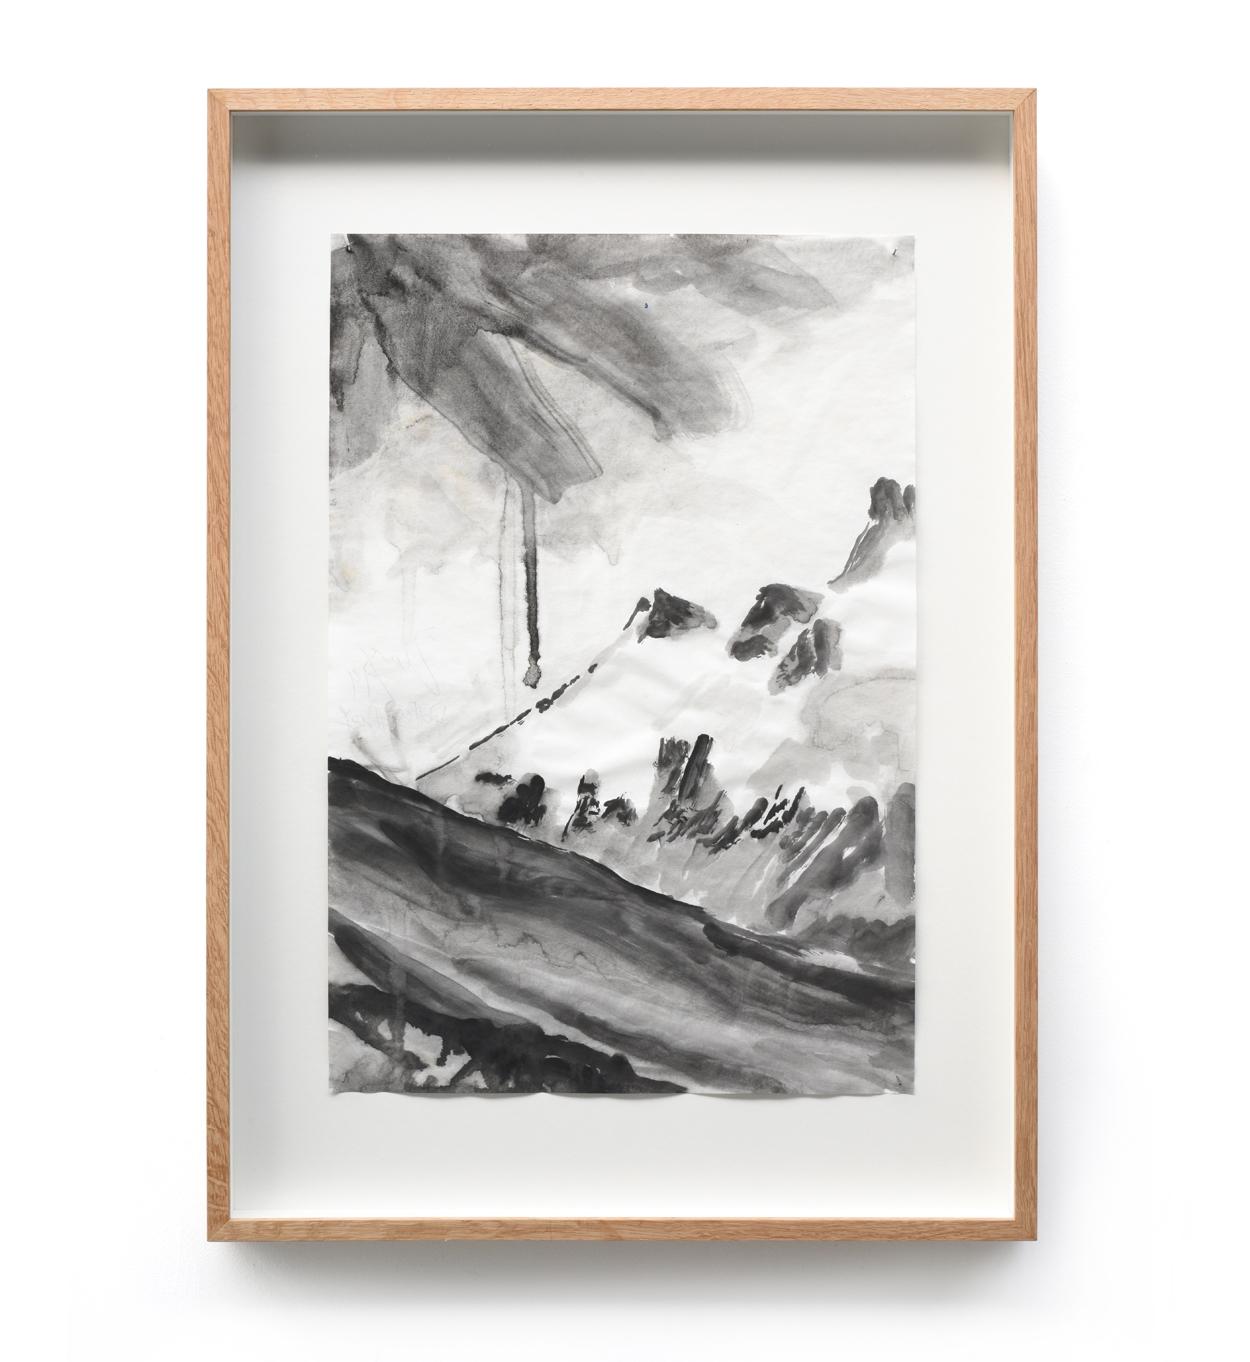 VERSCHEURE - Mountain#107_2019_44,8x30cm